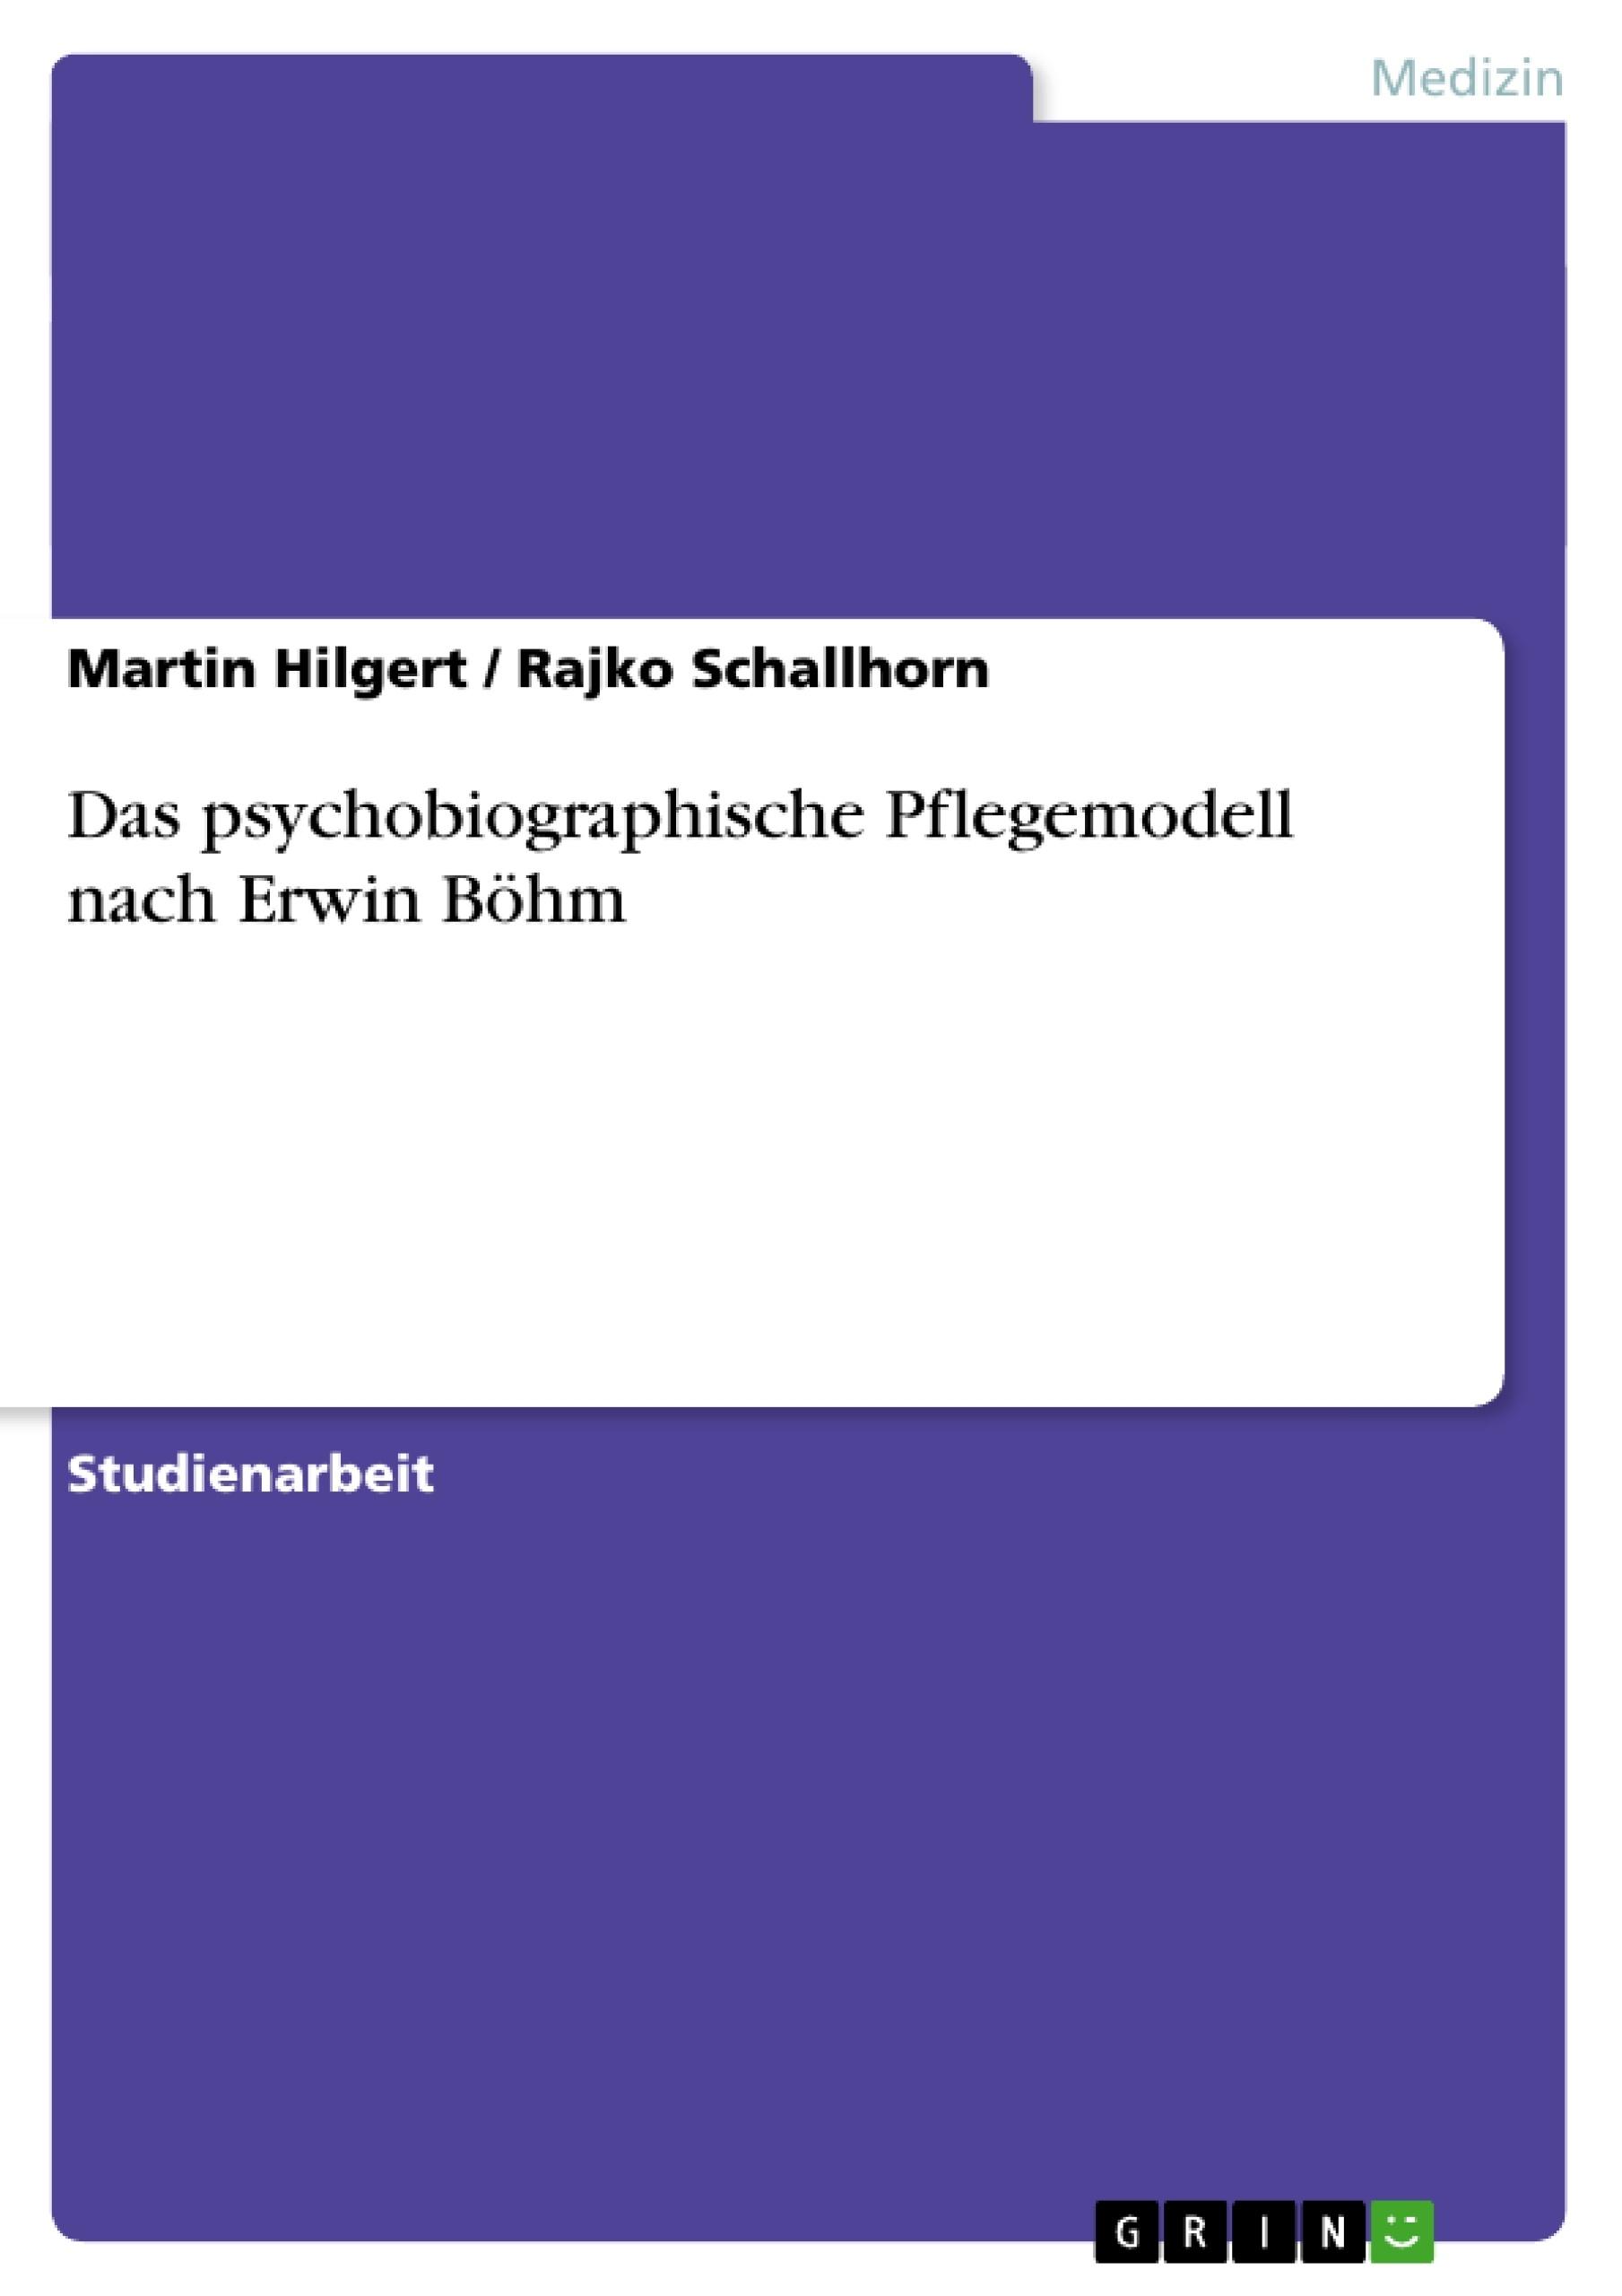 Titel: Das psychobiographische Pflegemodell nach Erwin Böhm